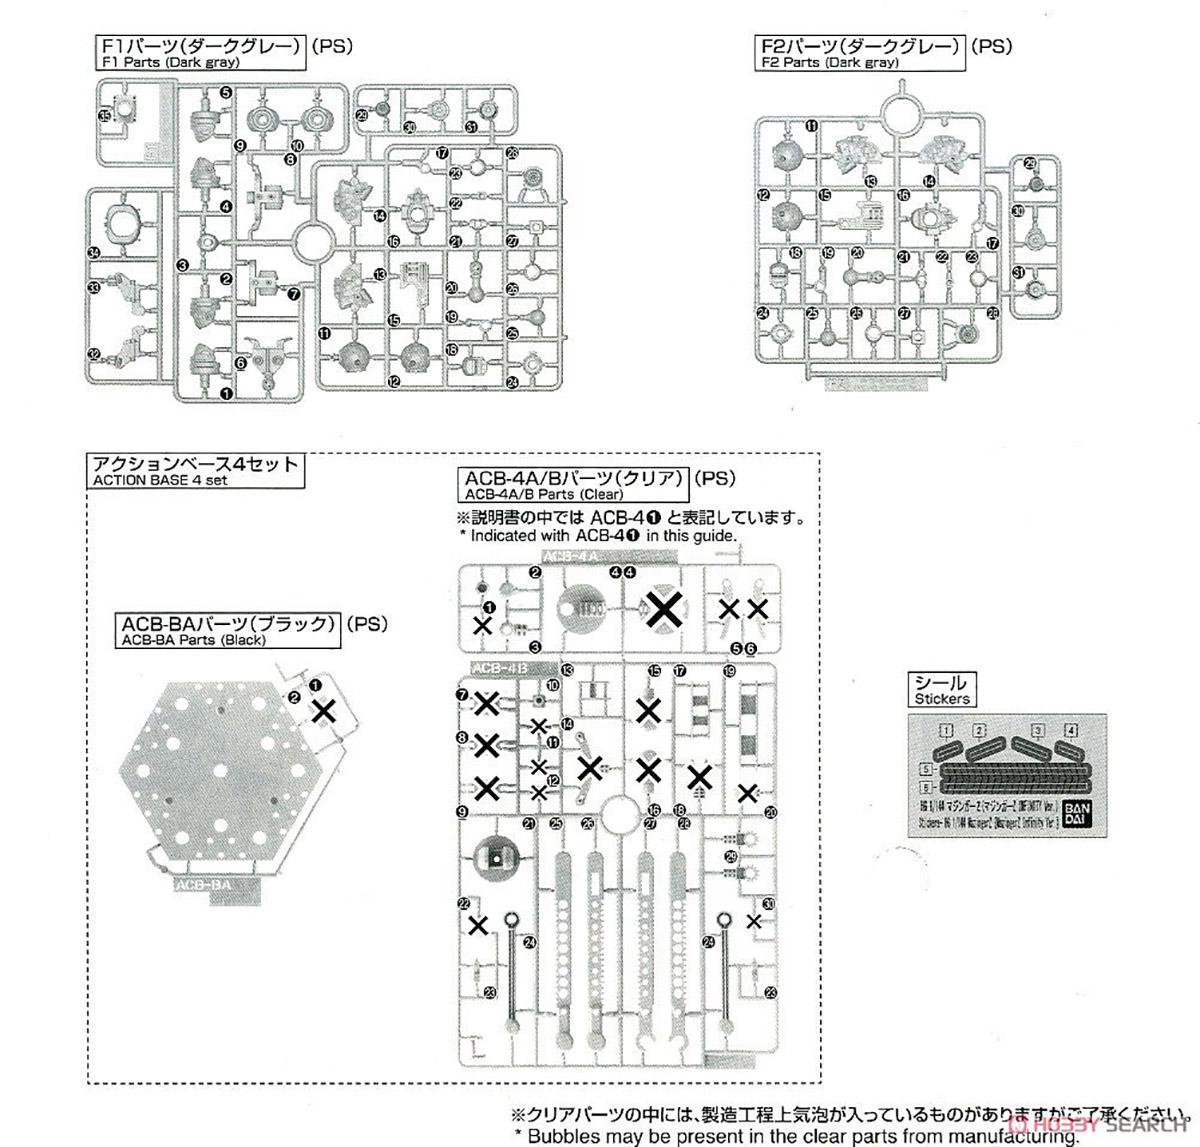 【再販】HG 1/144『マジンガーZ(マジンガーZ INFINITY Ver.)』プラモデル-024